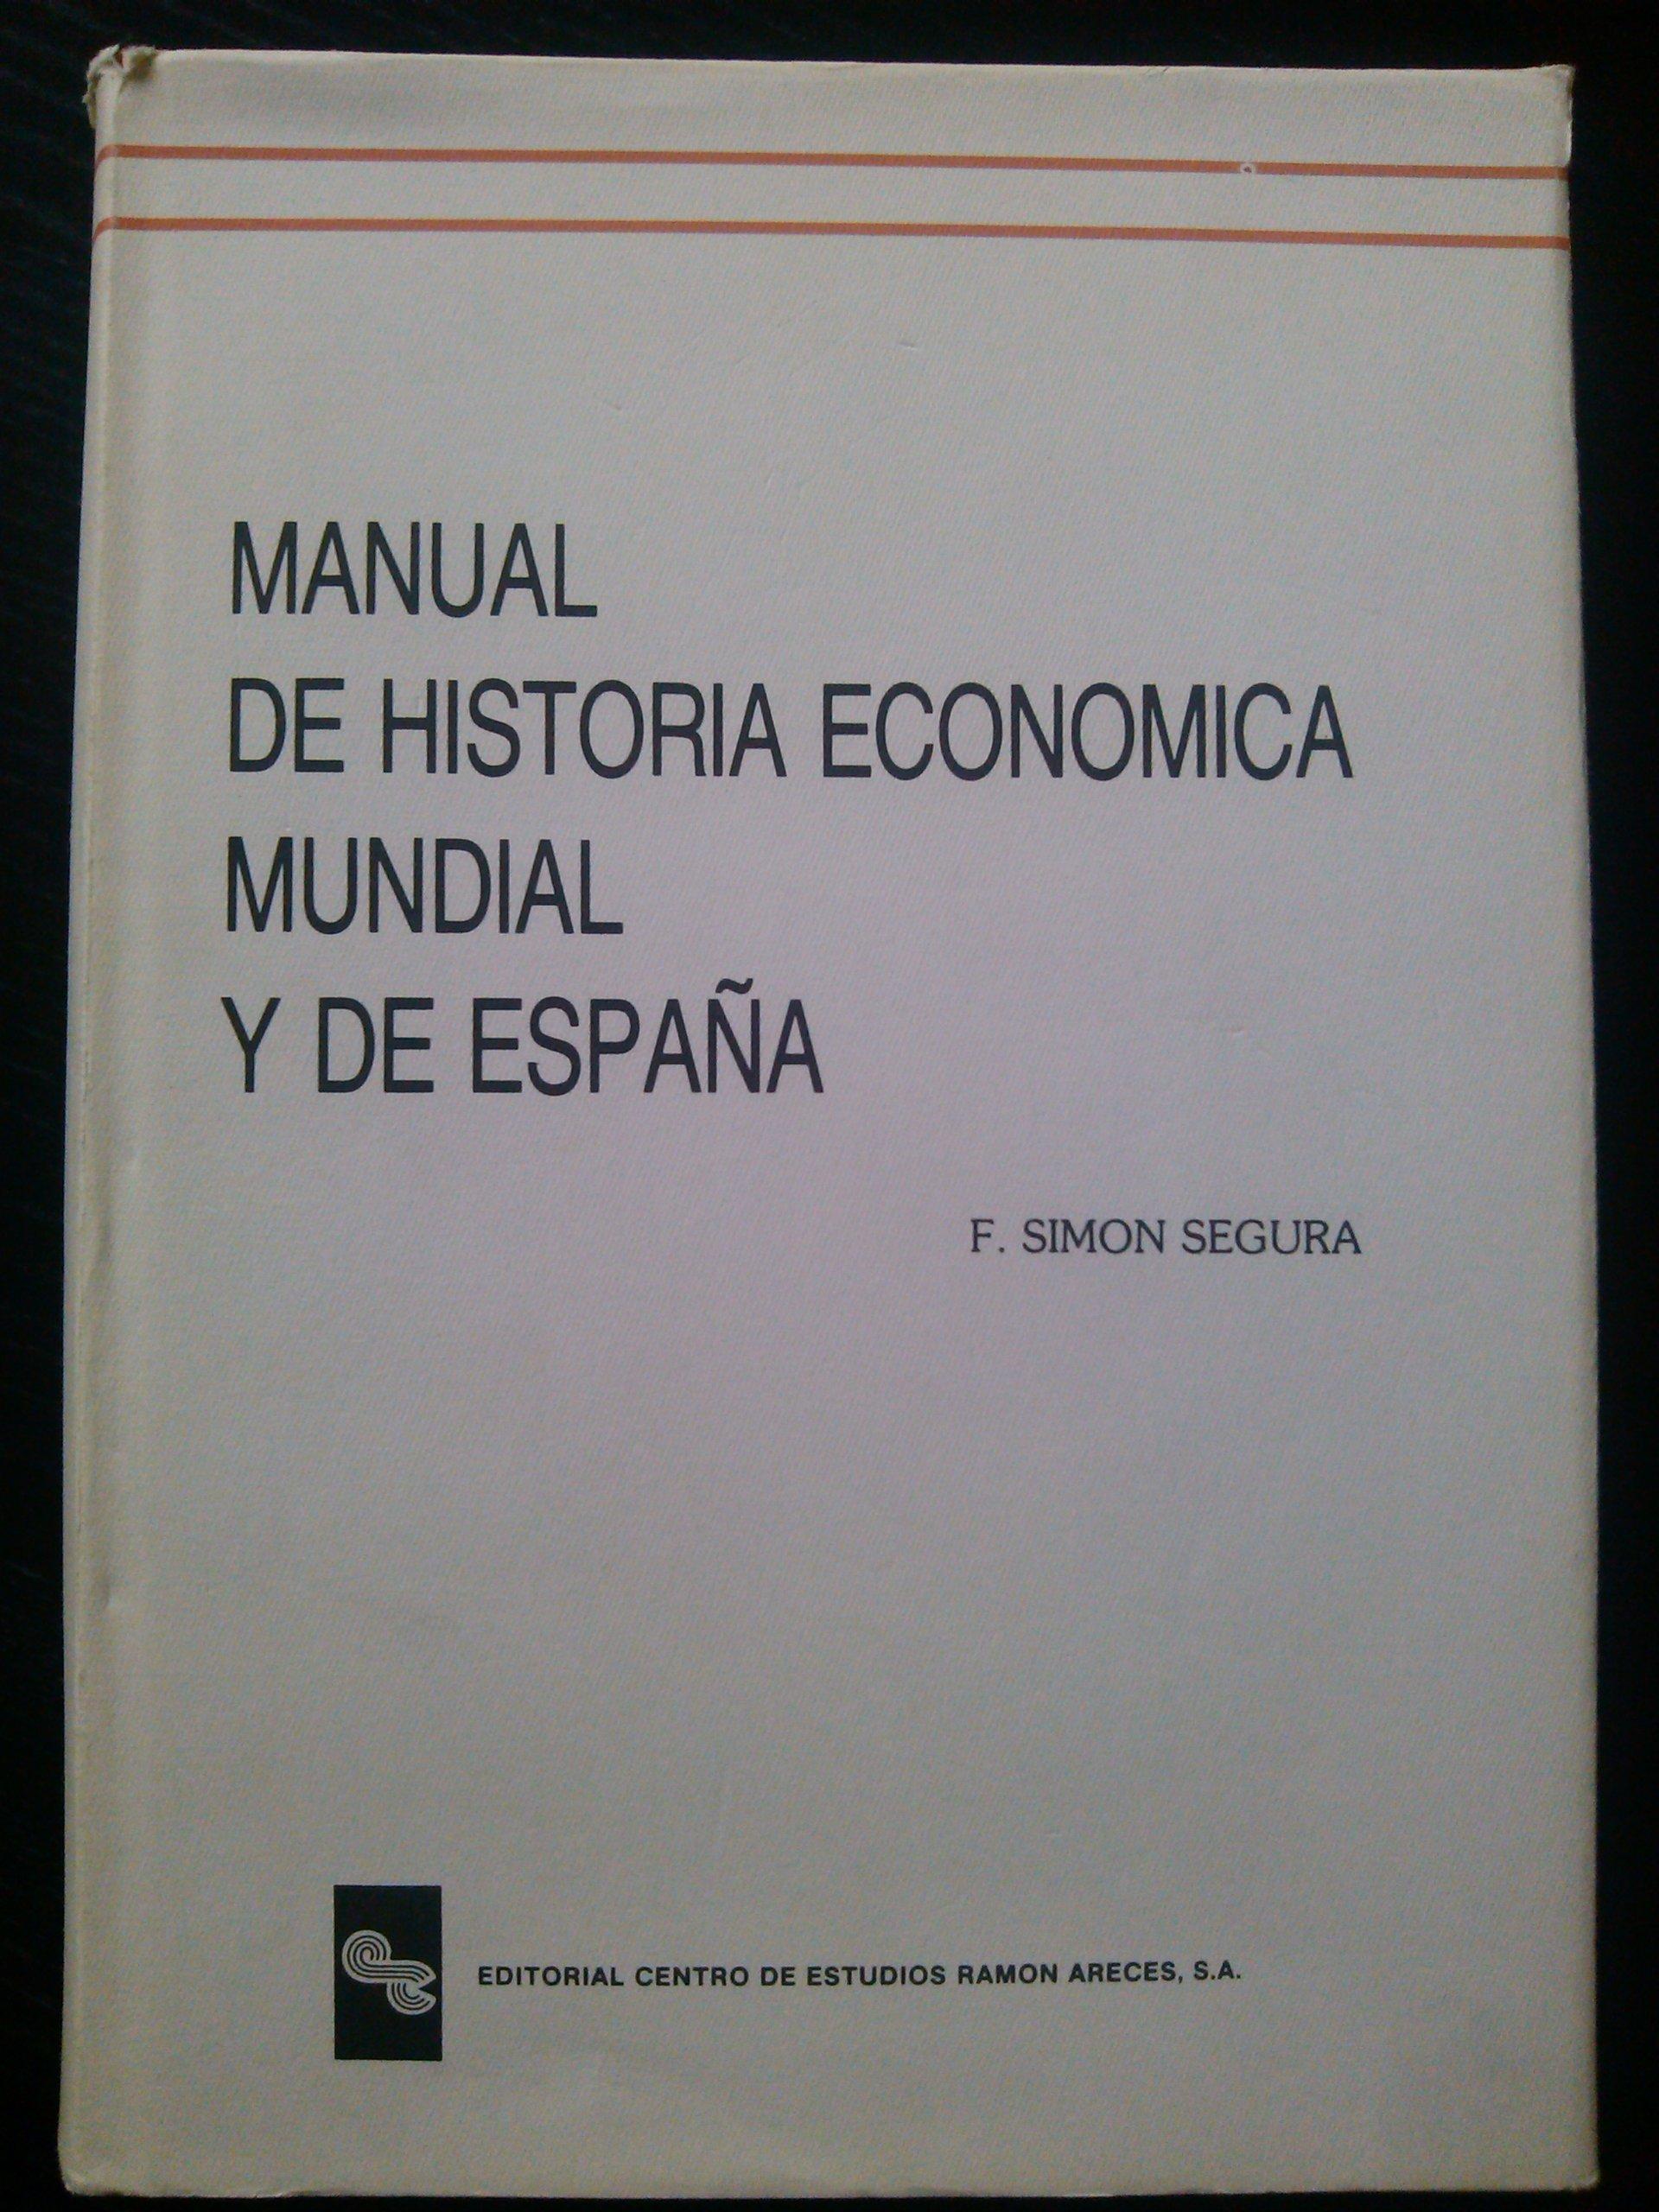 Manual De Historia Economica Mundial Y De España: Amazon.es: SIMÓN ...